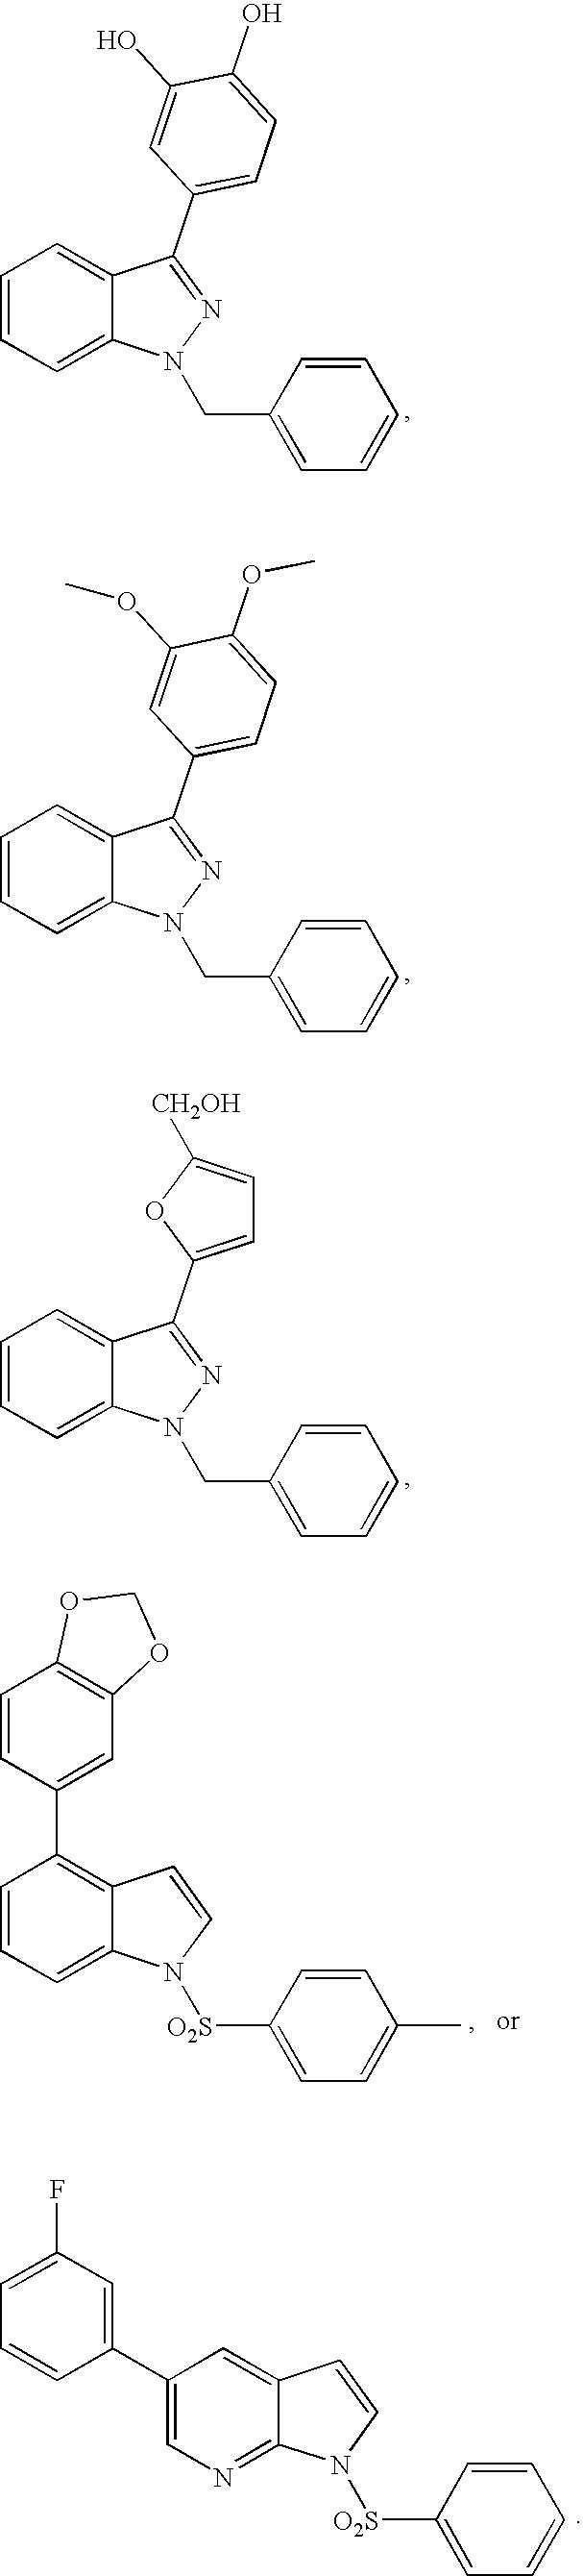 Figure US20060100218A1-20060511-C00002